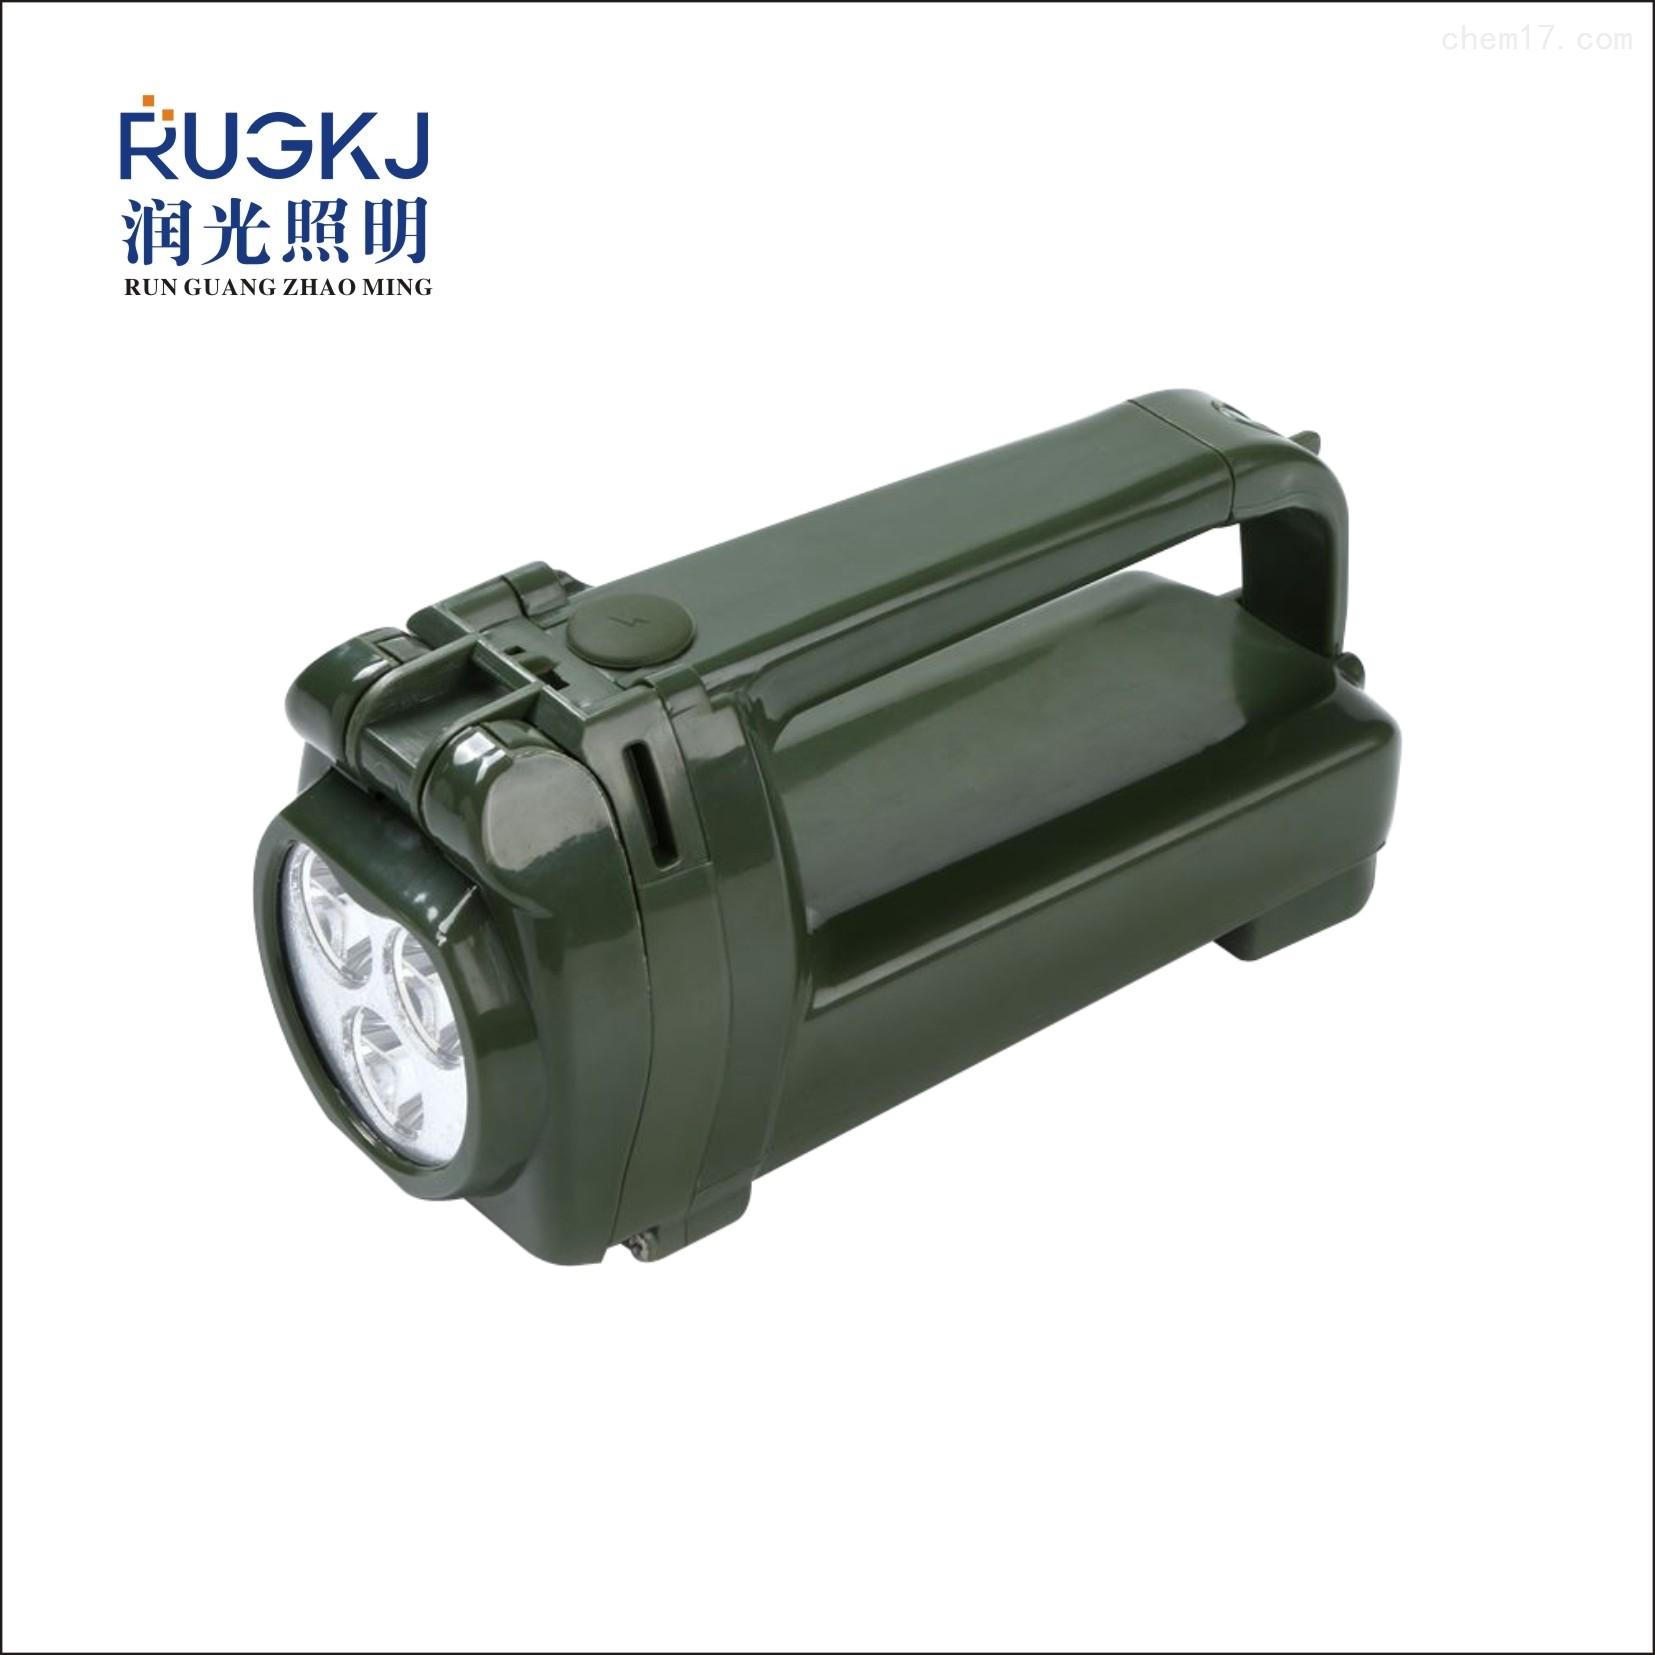 润光照明-JGQ231手提式探照灯厂家